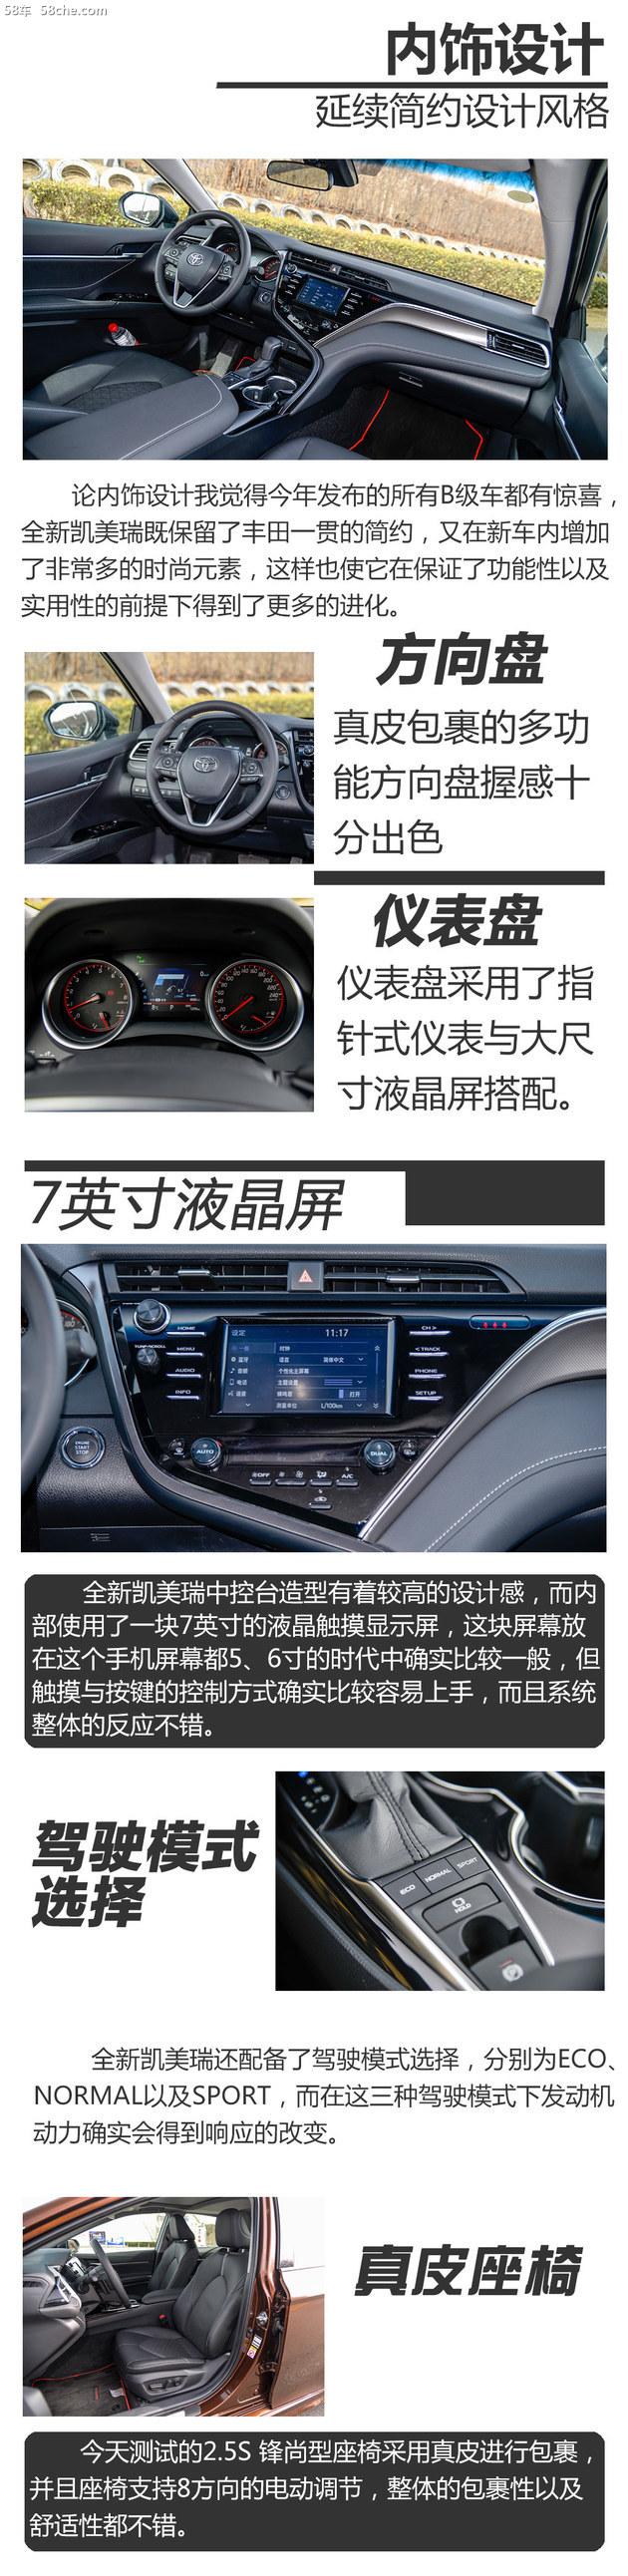 配得上这个造型 广汽丰田凯美瑞性能测试